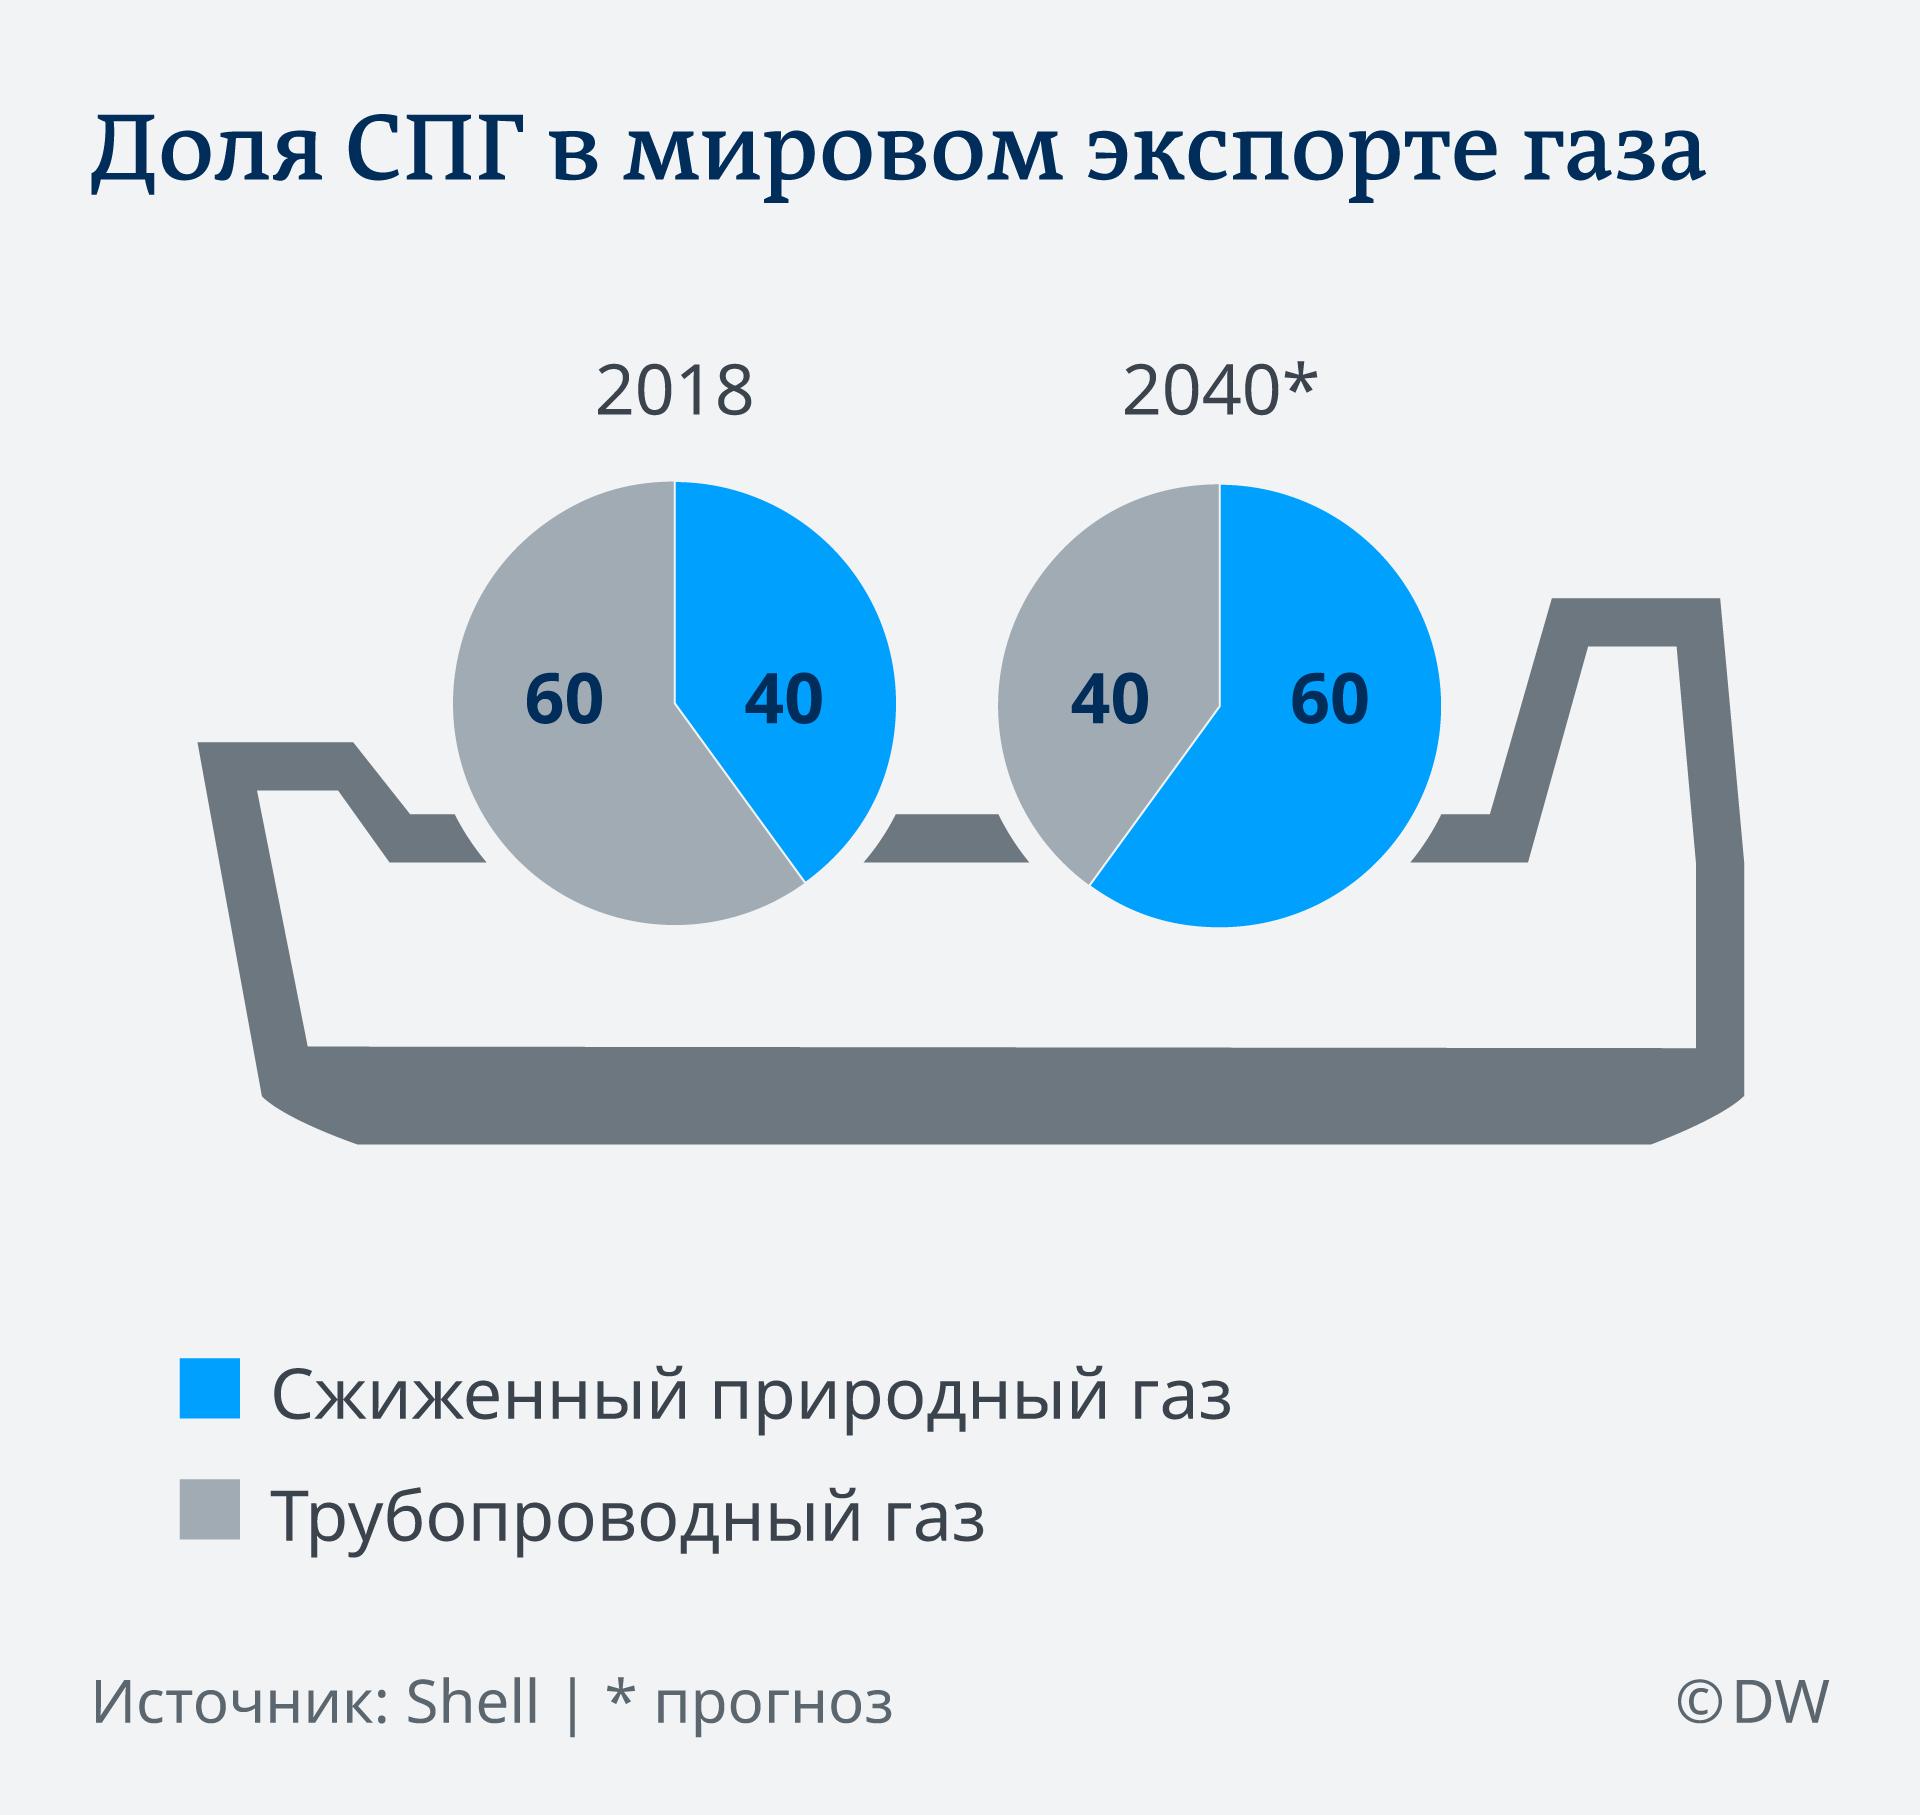 ИнфографикаДоля СПГ в мировом экспорте газа